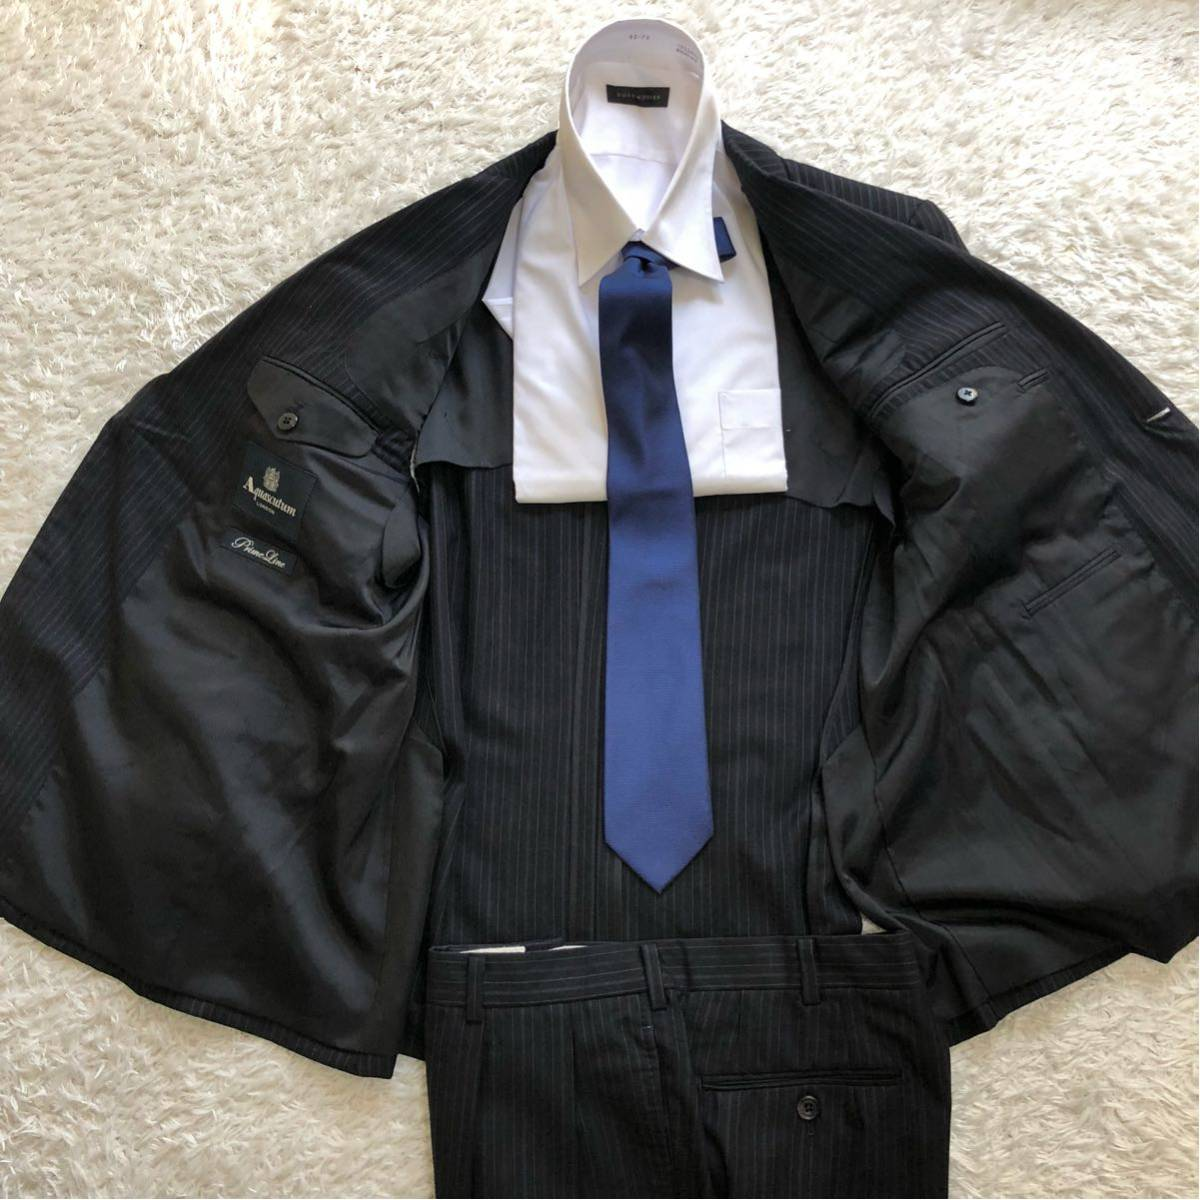 【英国感漂う1着】 アクアスキュータム 2B シングル スーツ 美品 M~Lサイズ相当_画像4